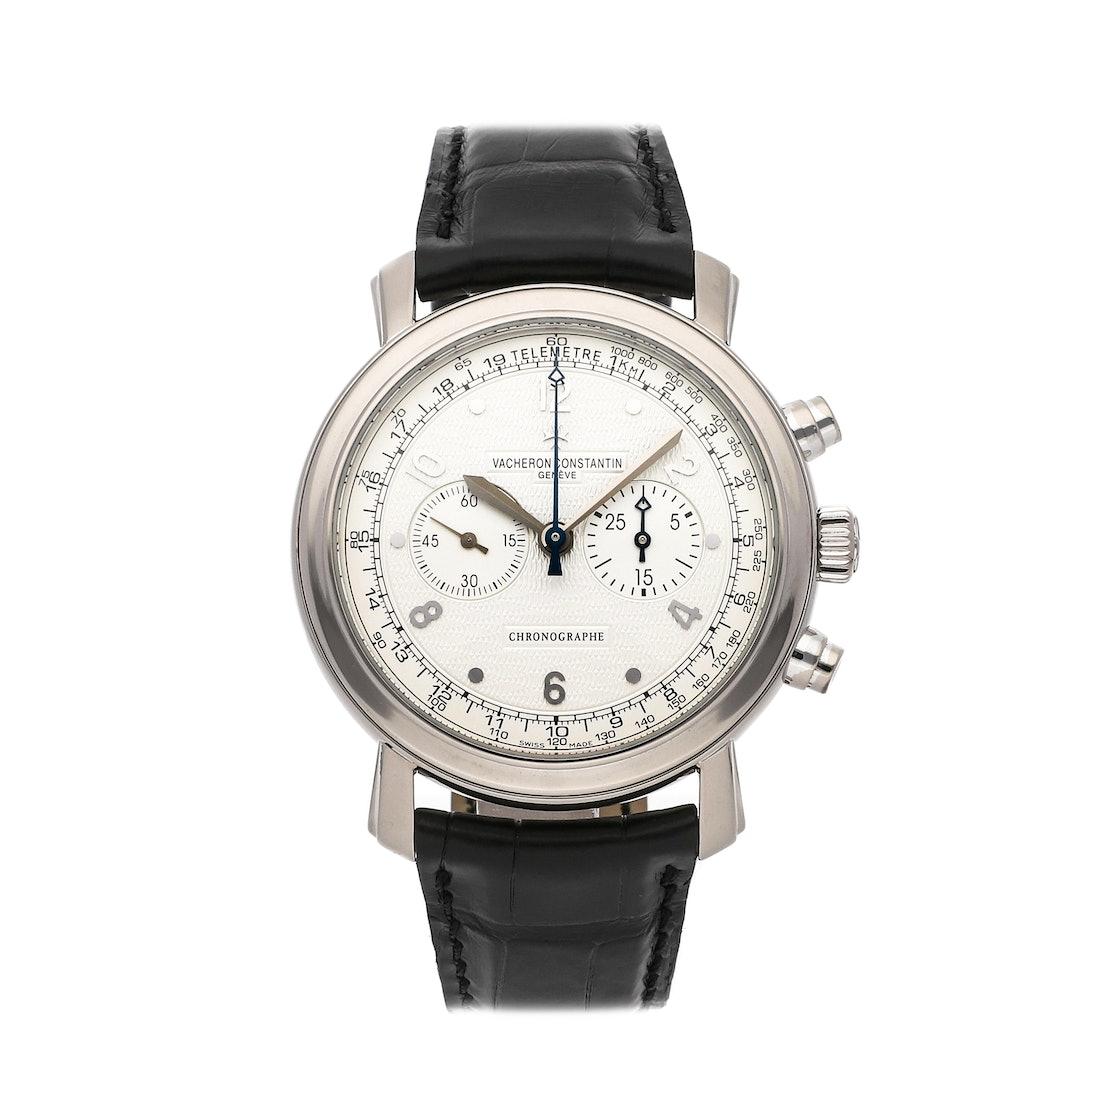 Vacheron Constantin Malte Chronograph 47120/000G-9098